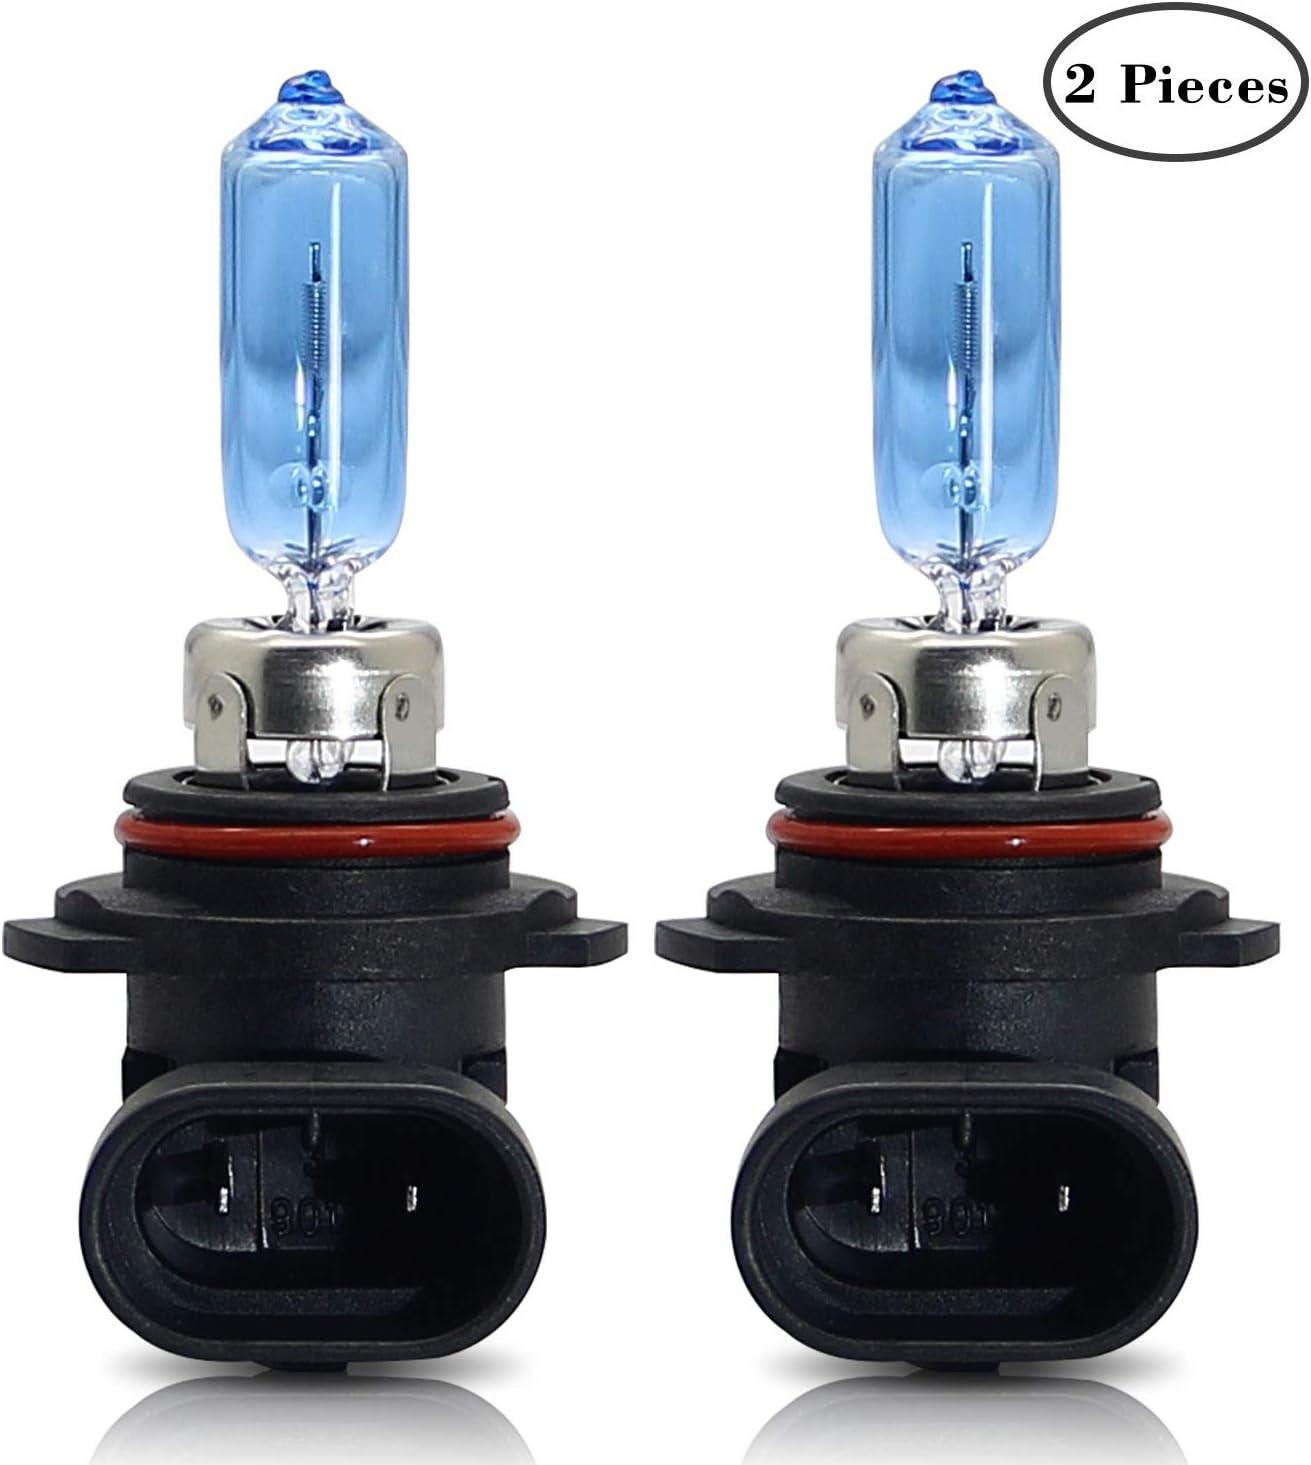 Dzg Hir2 9012 Halogenlampen 12v 100w Scheinwerferlampen 5000k Warmweiß Nebelleuchte Drl Birne 2 Stücke Auto